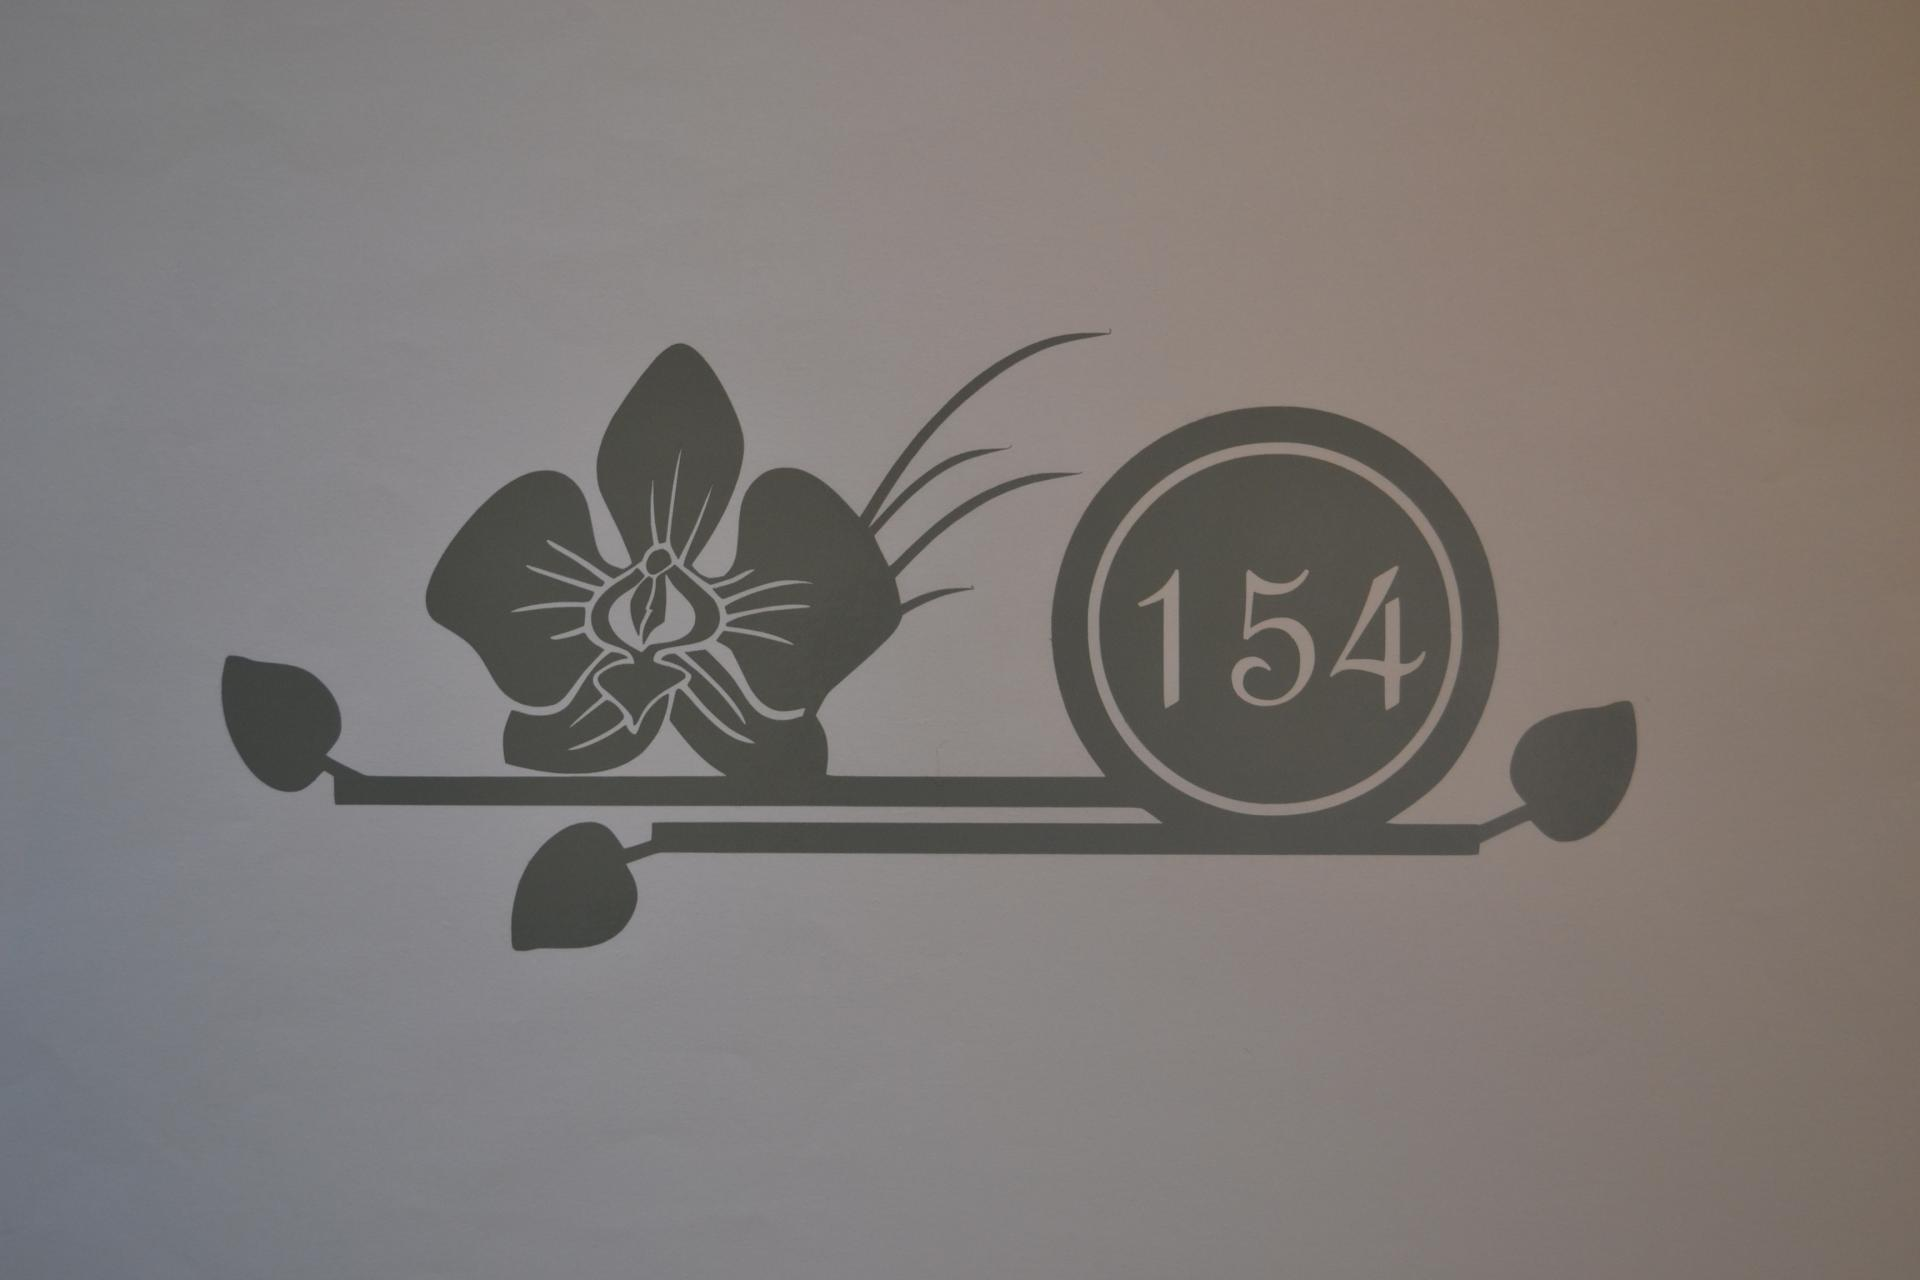 Sticker boites aux lettres numero orchide 1